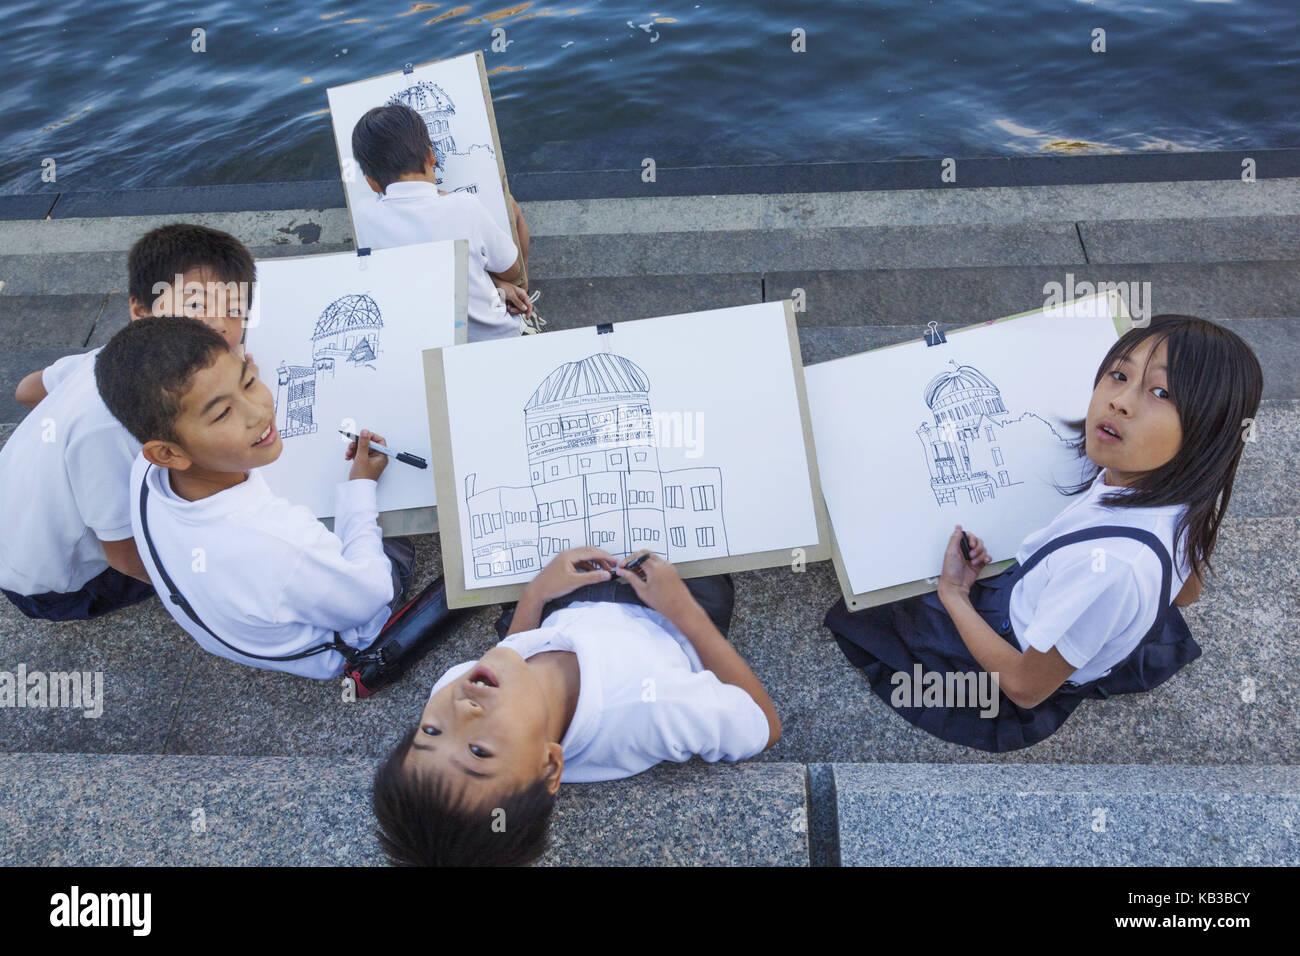 Japón, Kyushu, Hiroshima, el parque de la paz, el colegial pintar la bomba atómica dome, Imagen De Stock